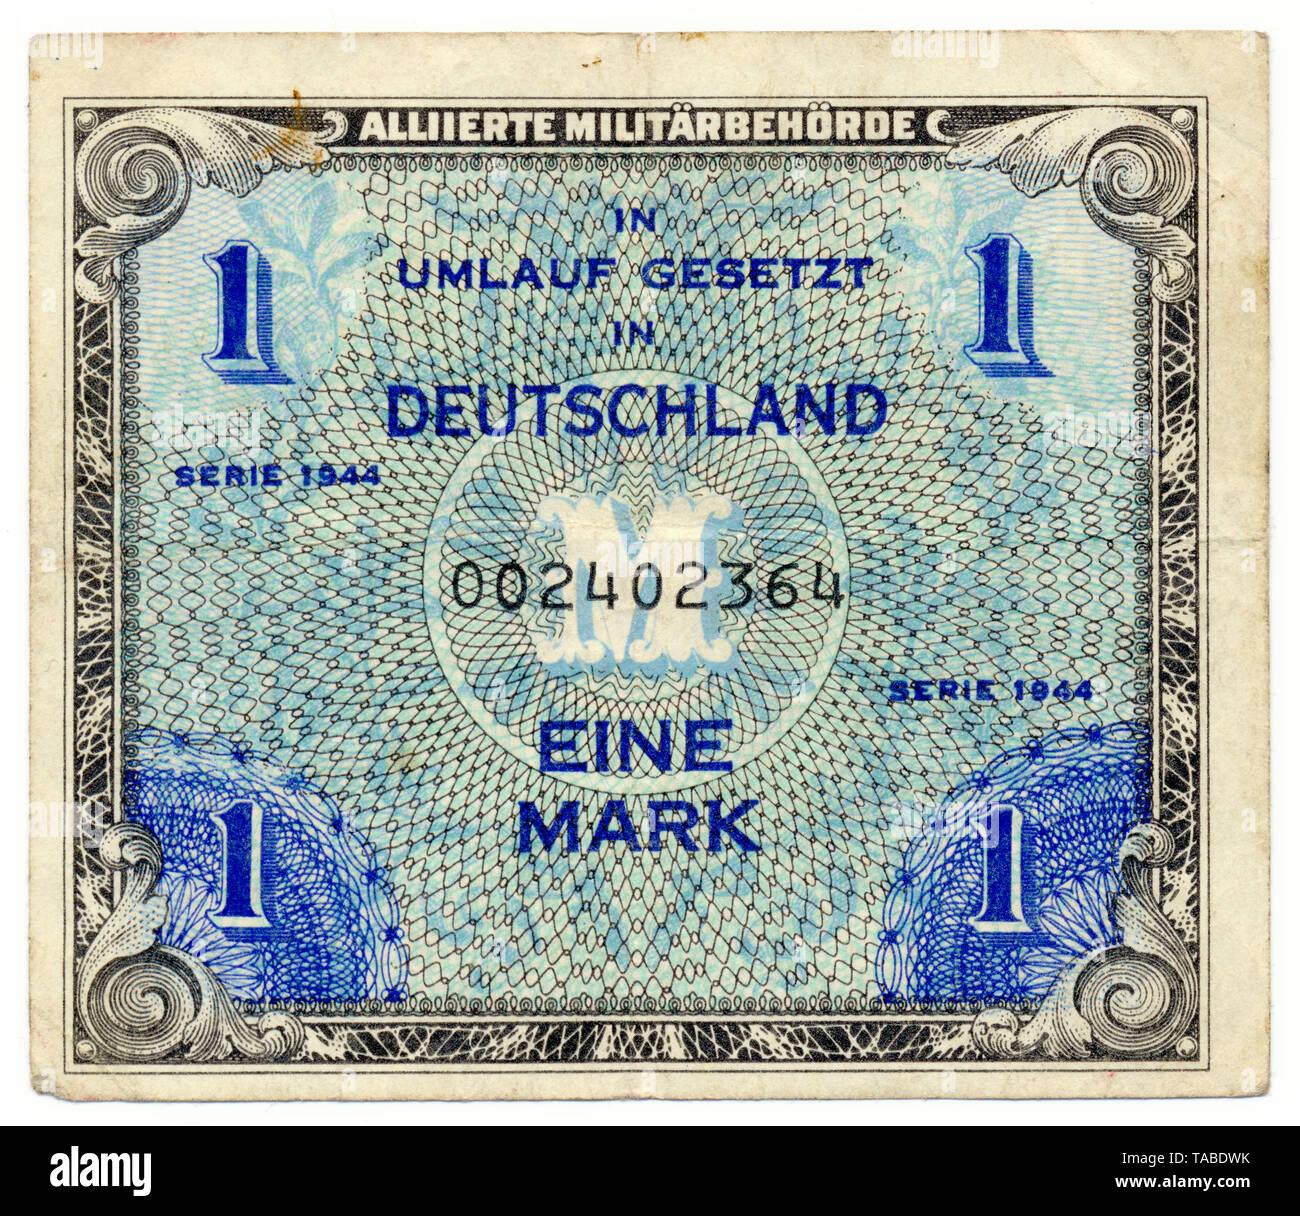 Vor einer Banknote, Alliierte Besetzung, Alliierte Besatzung, 1 Mark, 1944, Deutschland, Europa Stockbild